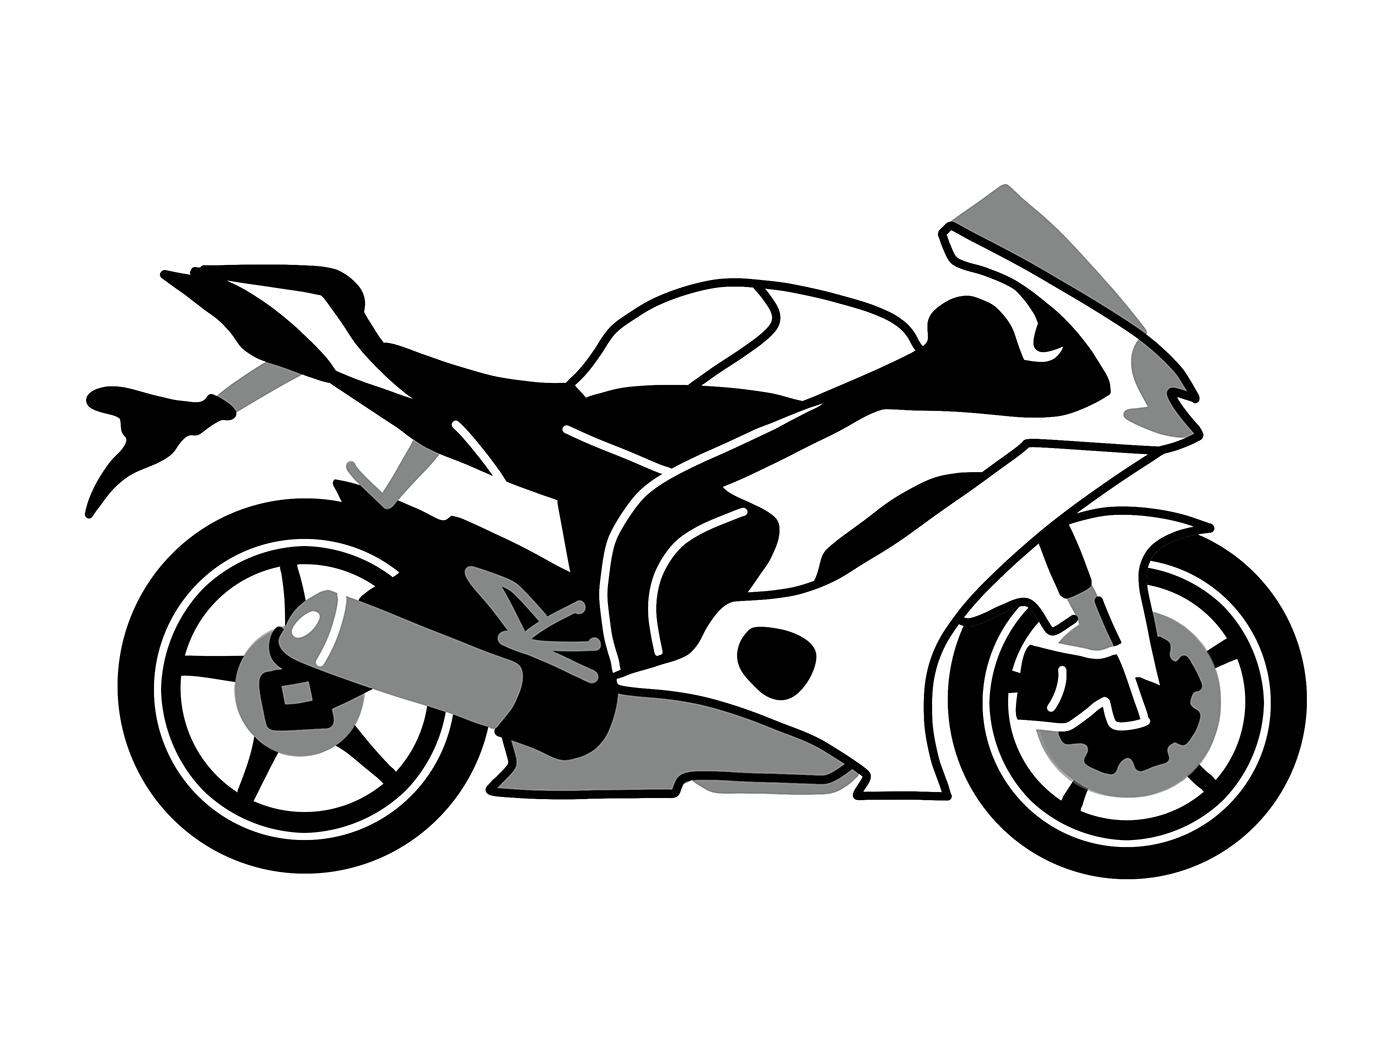 мужчины, картинка мотоцикла для печати аккуратном